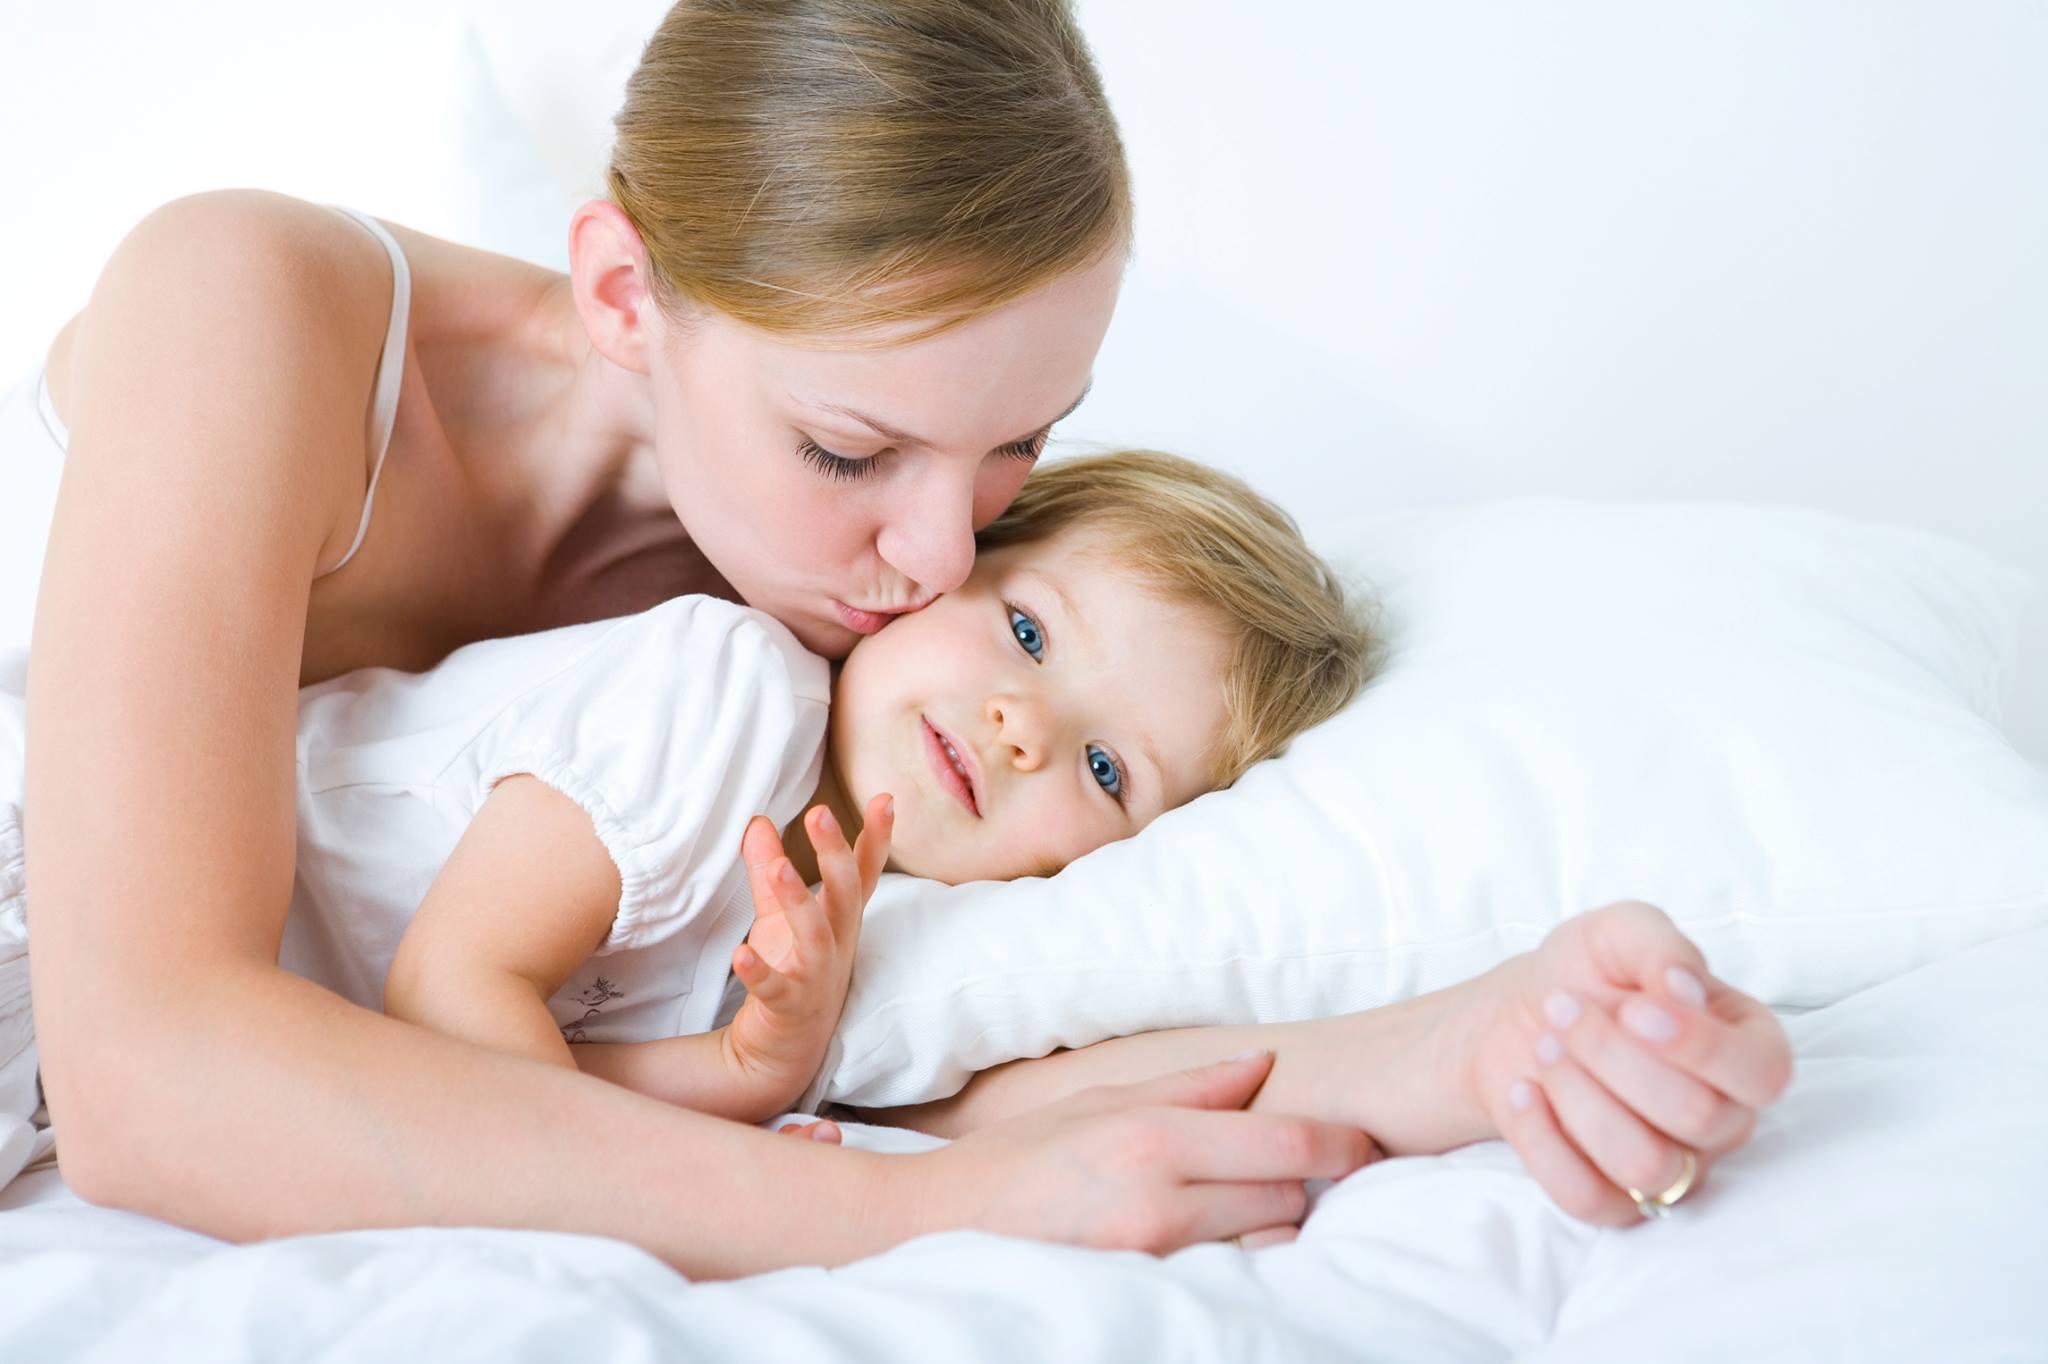 bebeğin zeka gelişimi,  gebelikte bebeğin zeka gelişimi, zeka gelişimi için beslenme